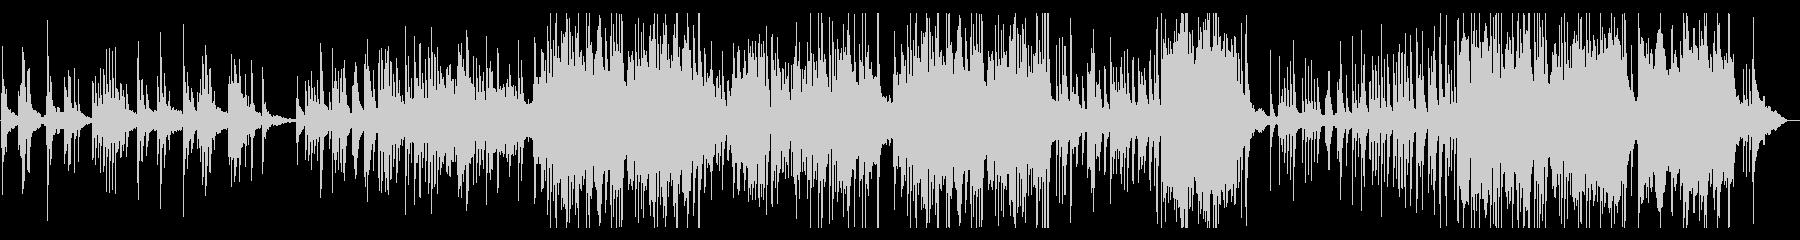 メロディアスなピアノソロの未再生の波形